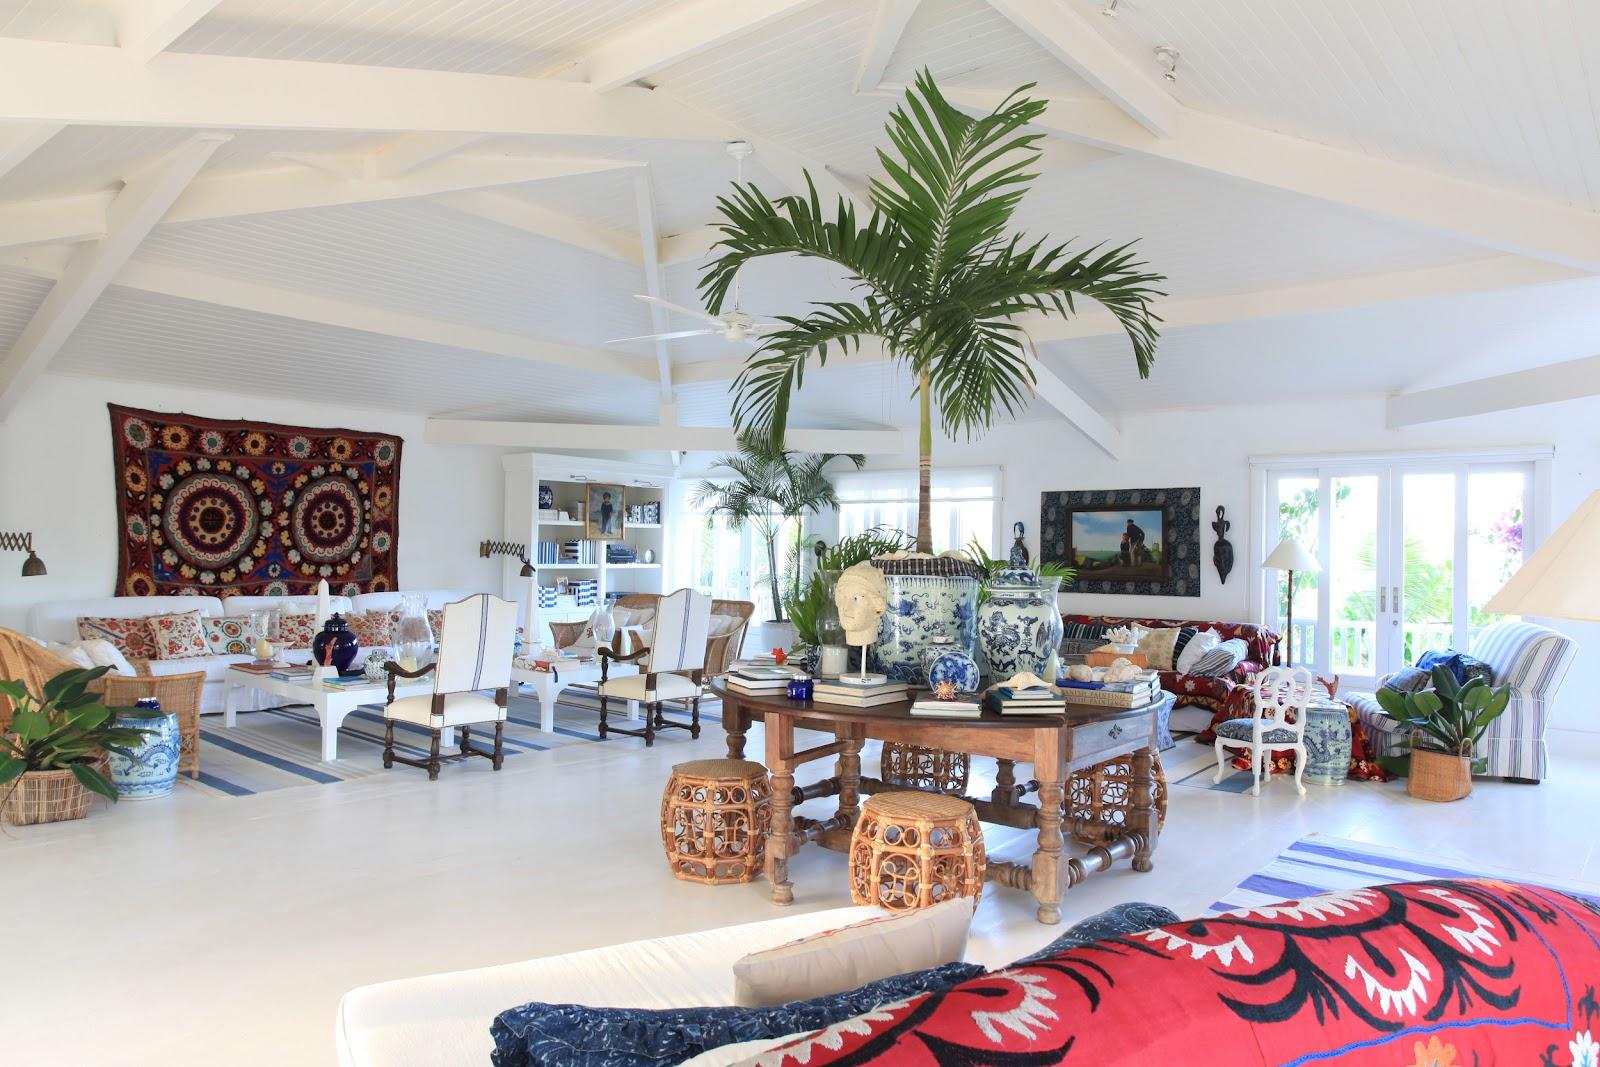 Ambiente branco, com mesas de madeira e bancos, plantas e quadros, sofás e poltronas.